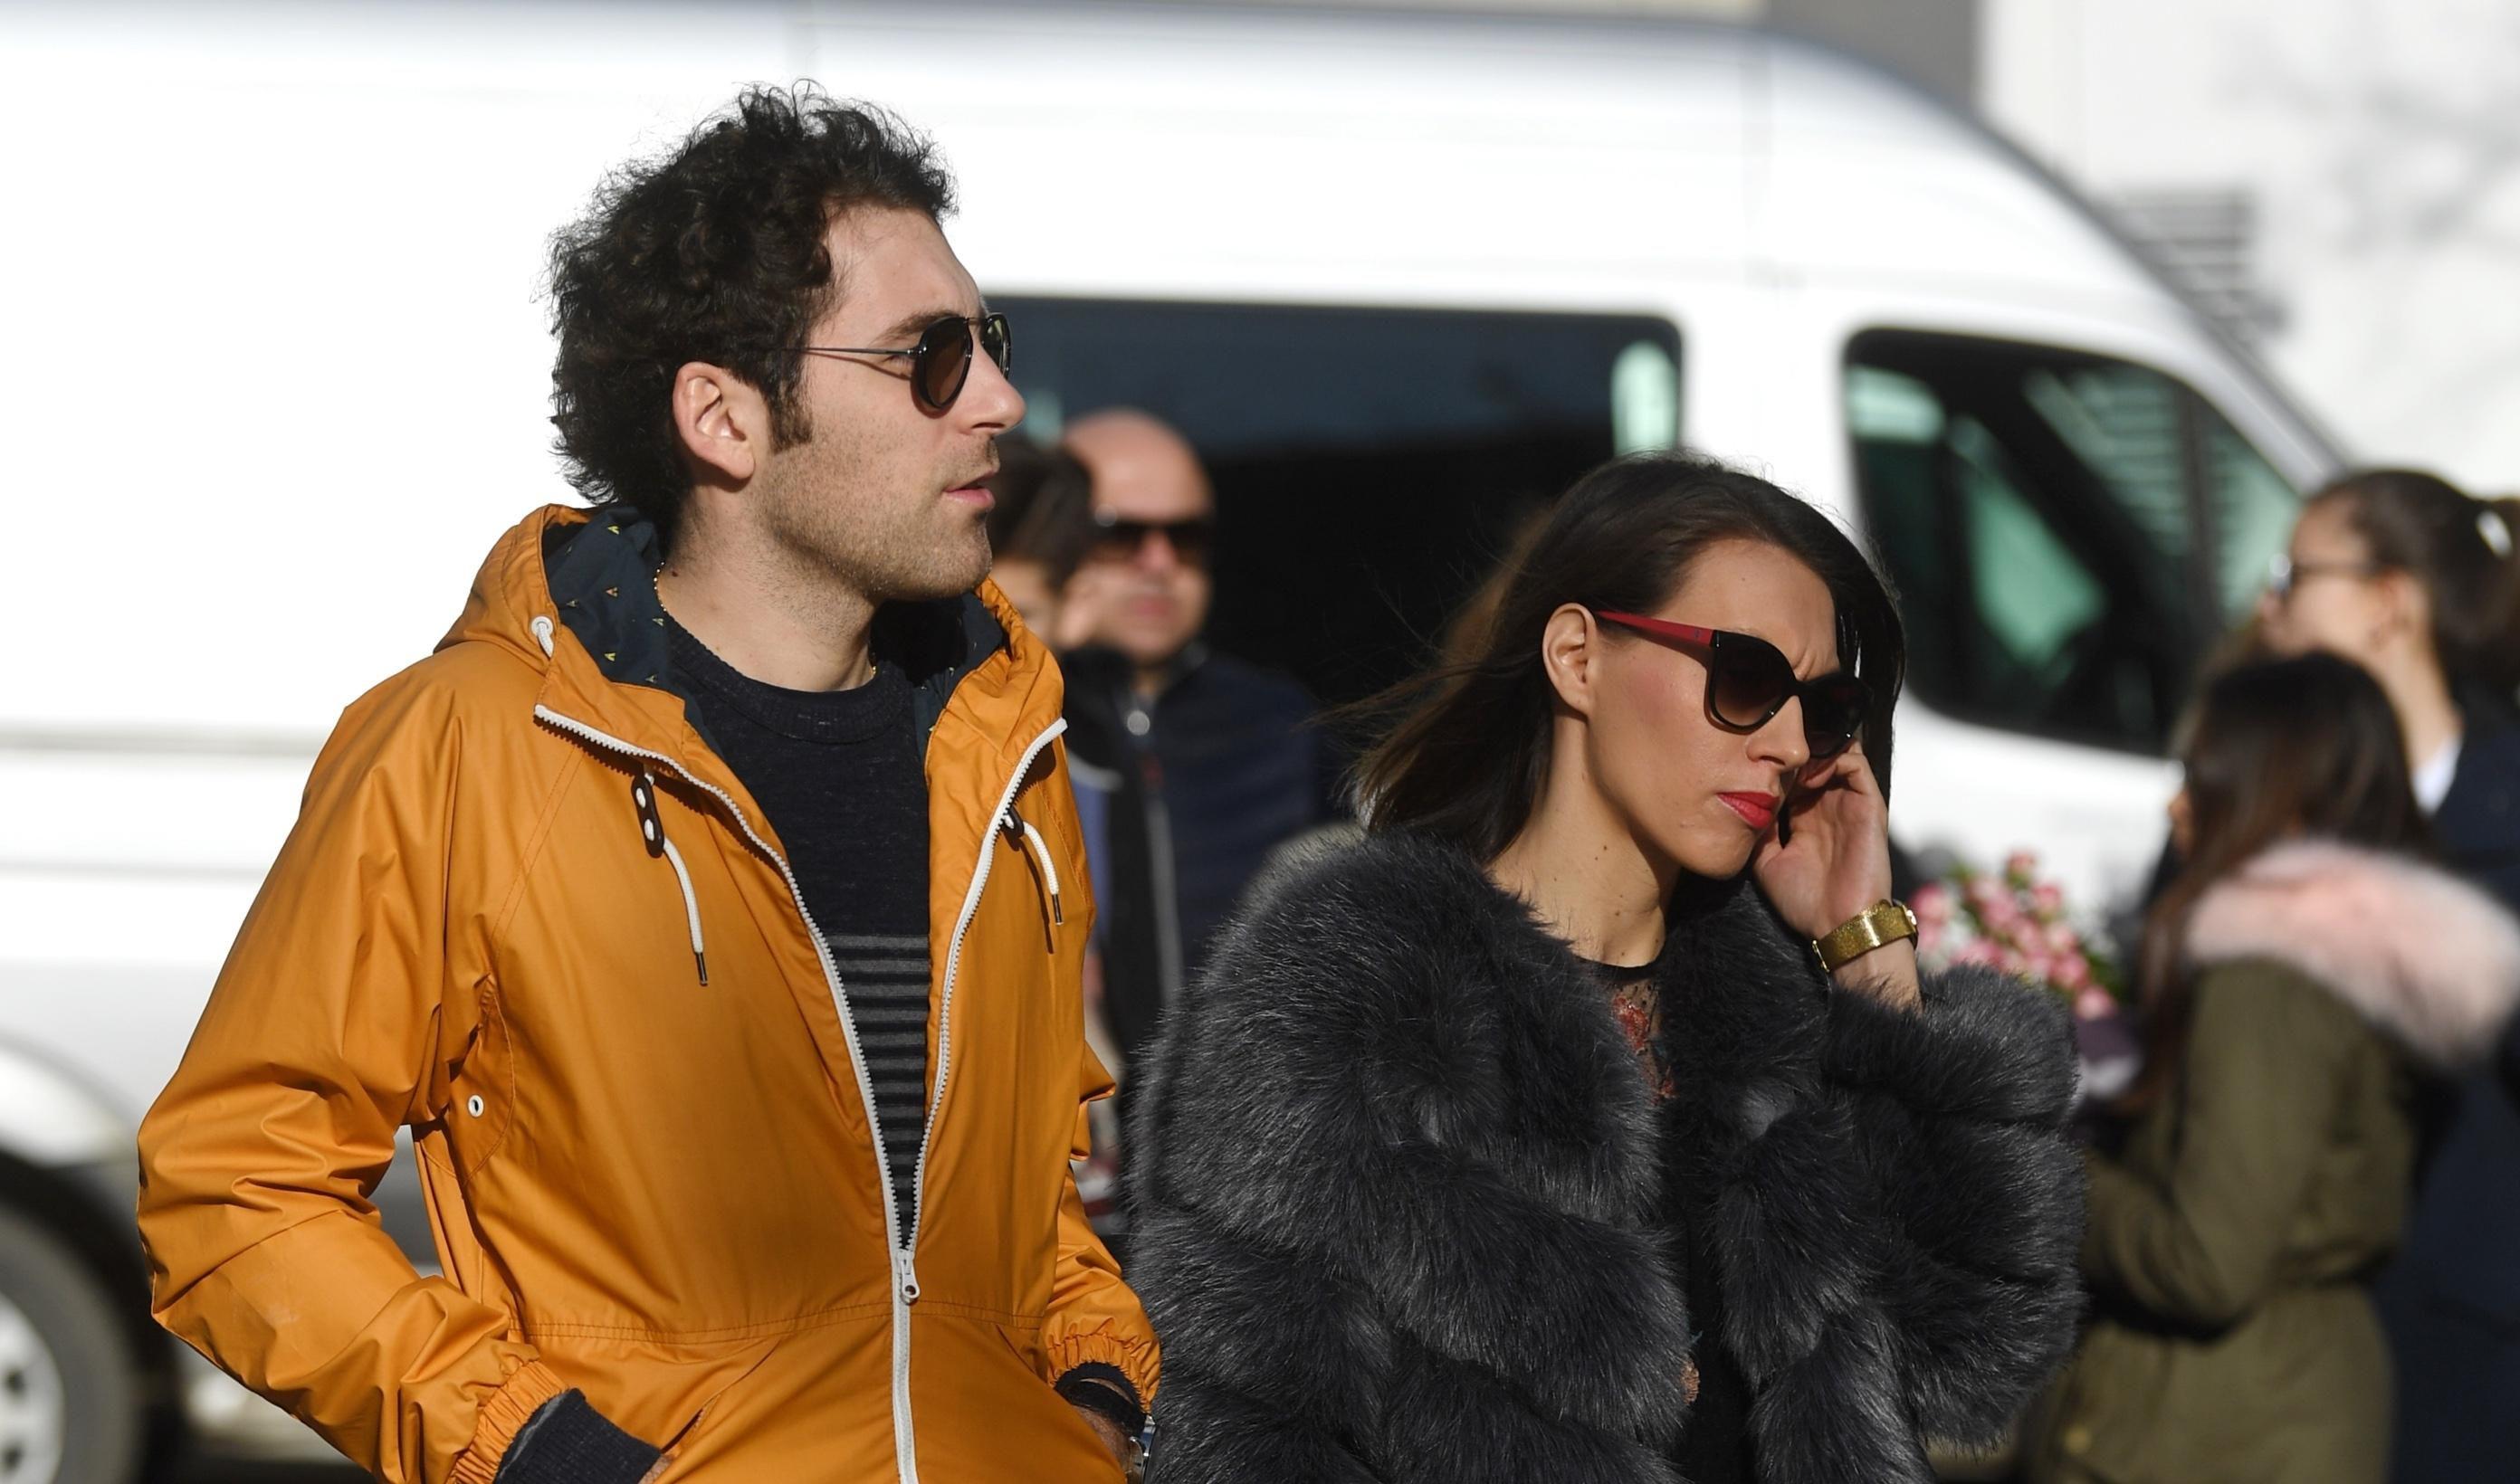 Stylish par: Njene cipele i njegova jakna savršeno su usklađeni